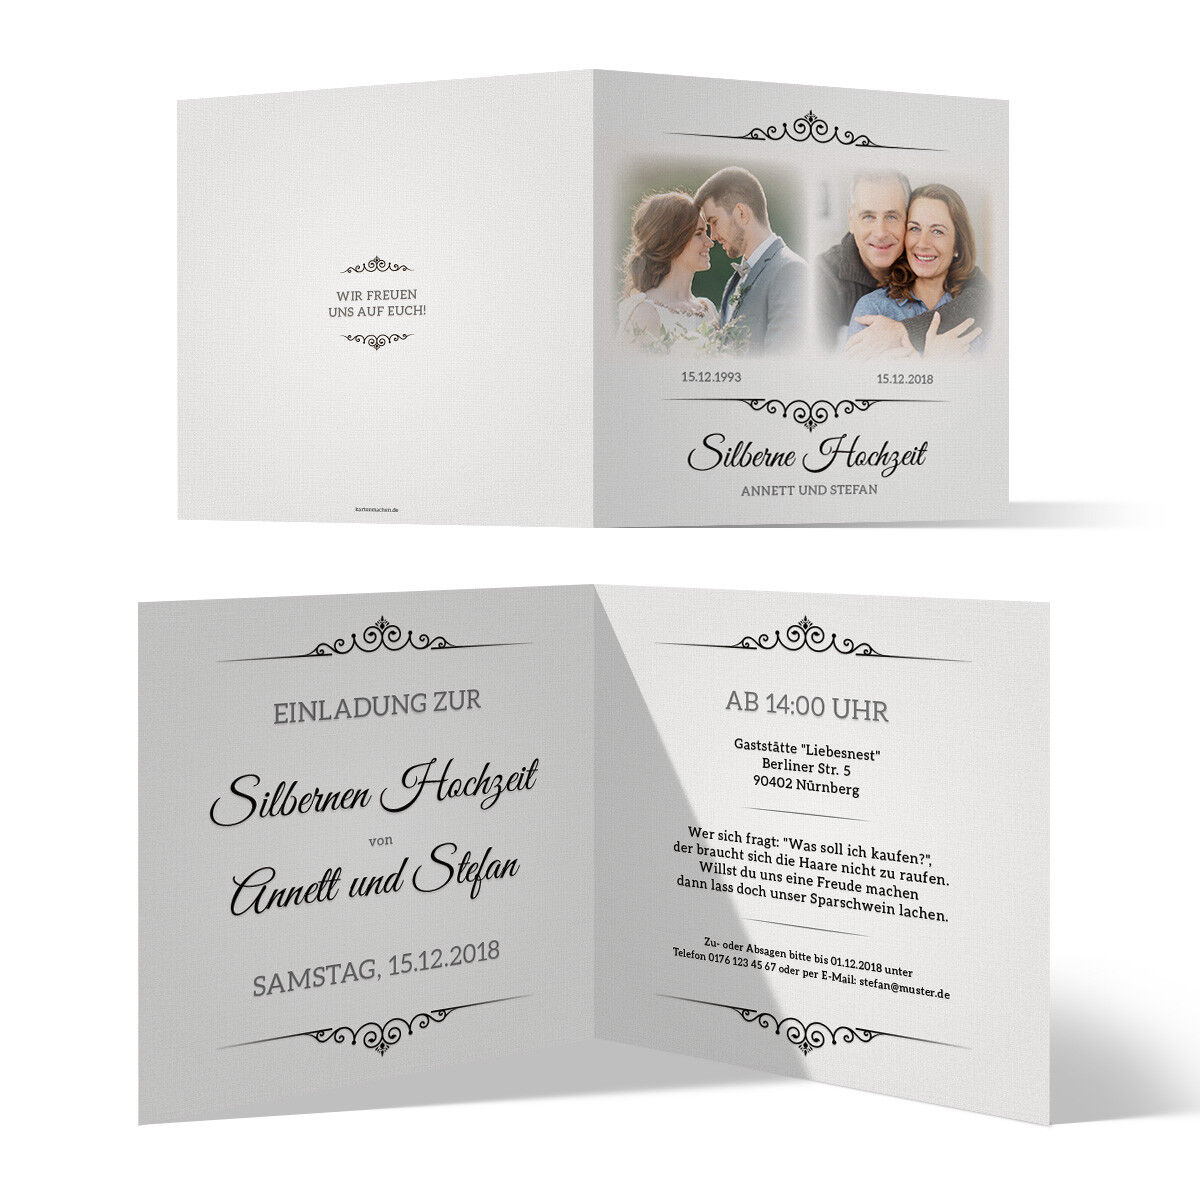 Silberne Hochzeit Einladungskarten Silberhochzeit 25 Jahre - Zeitsprung | Stilvoll und lustig  | Qualitativ Hochwertiges Produkt